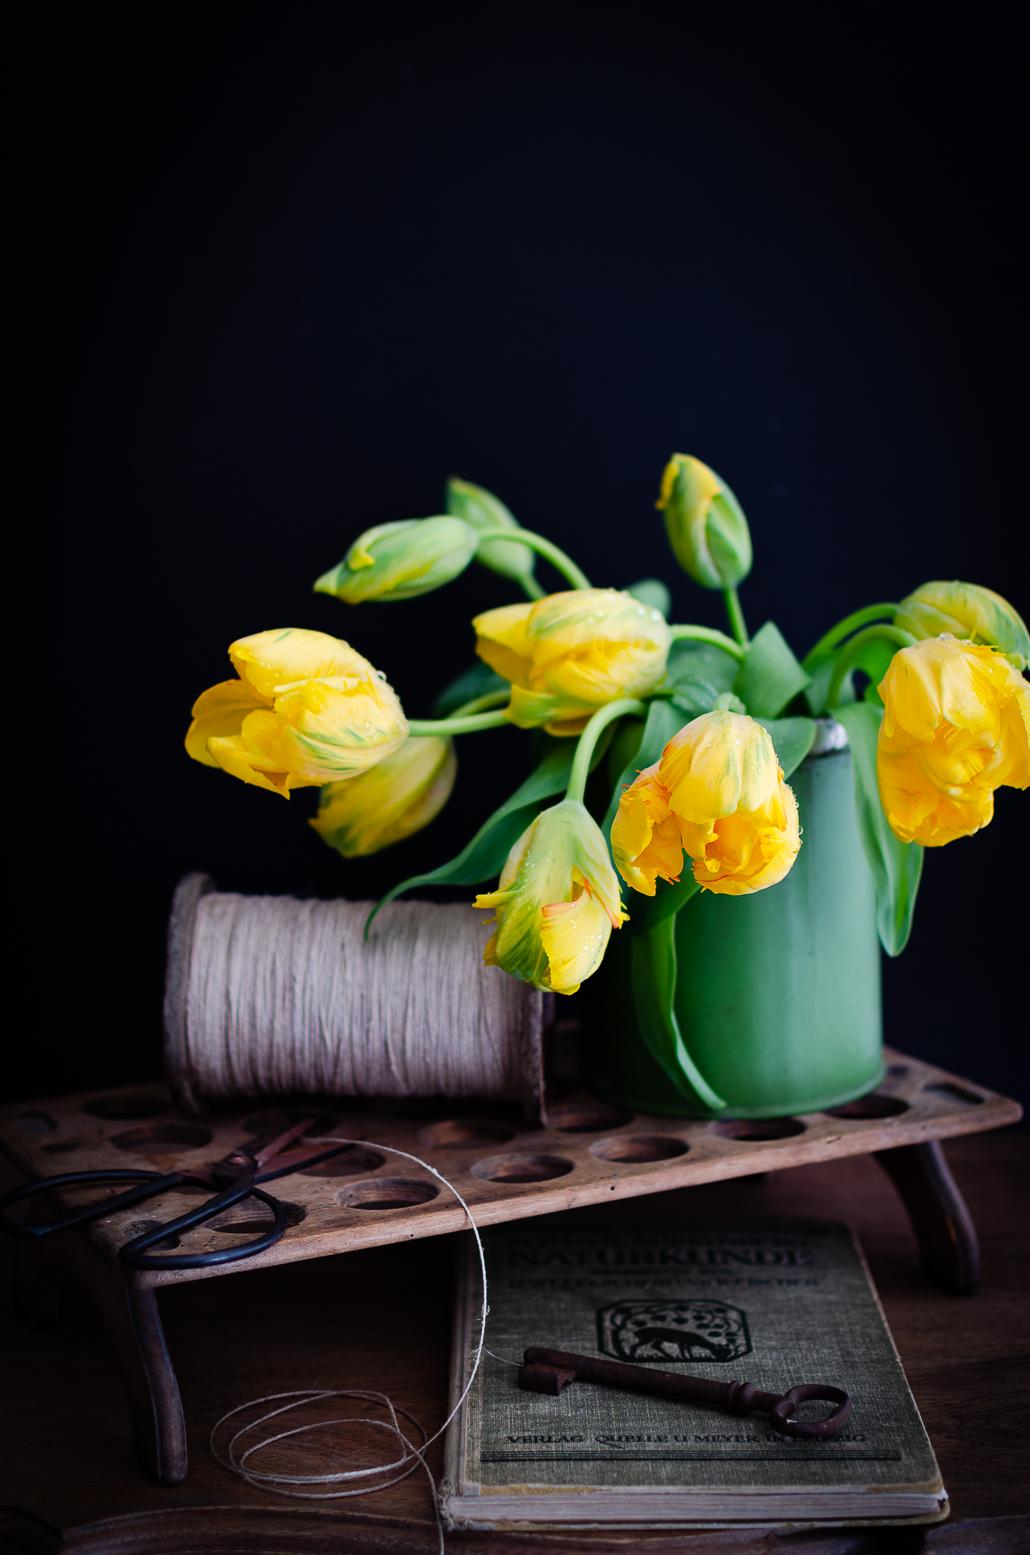 gelbe Tulpen vor schwarzem Hintergrund